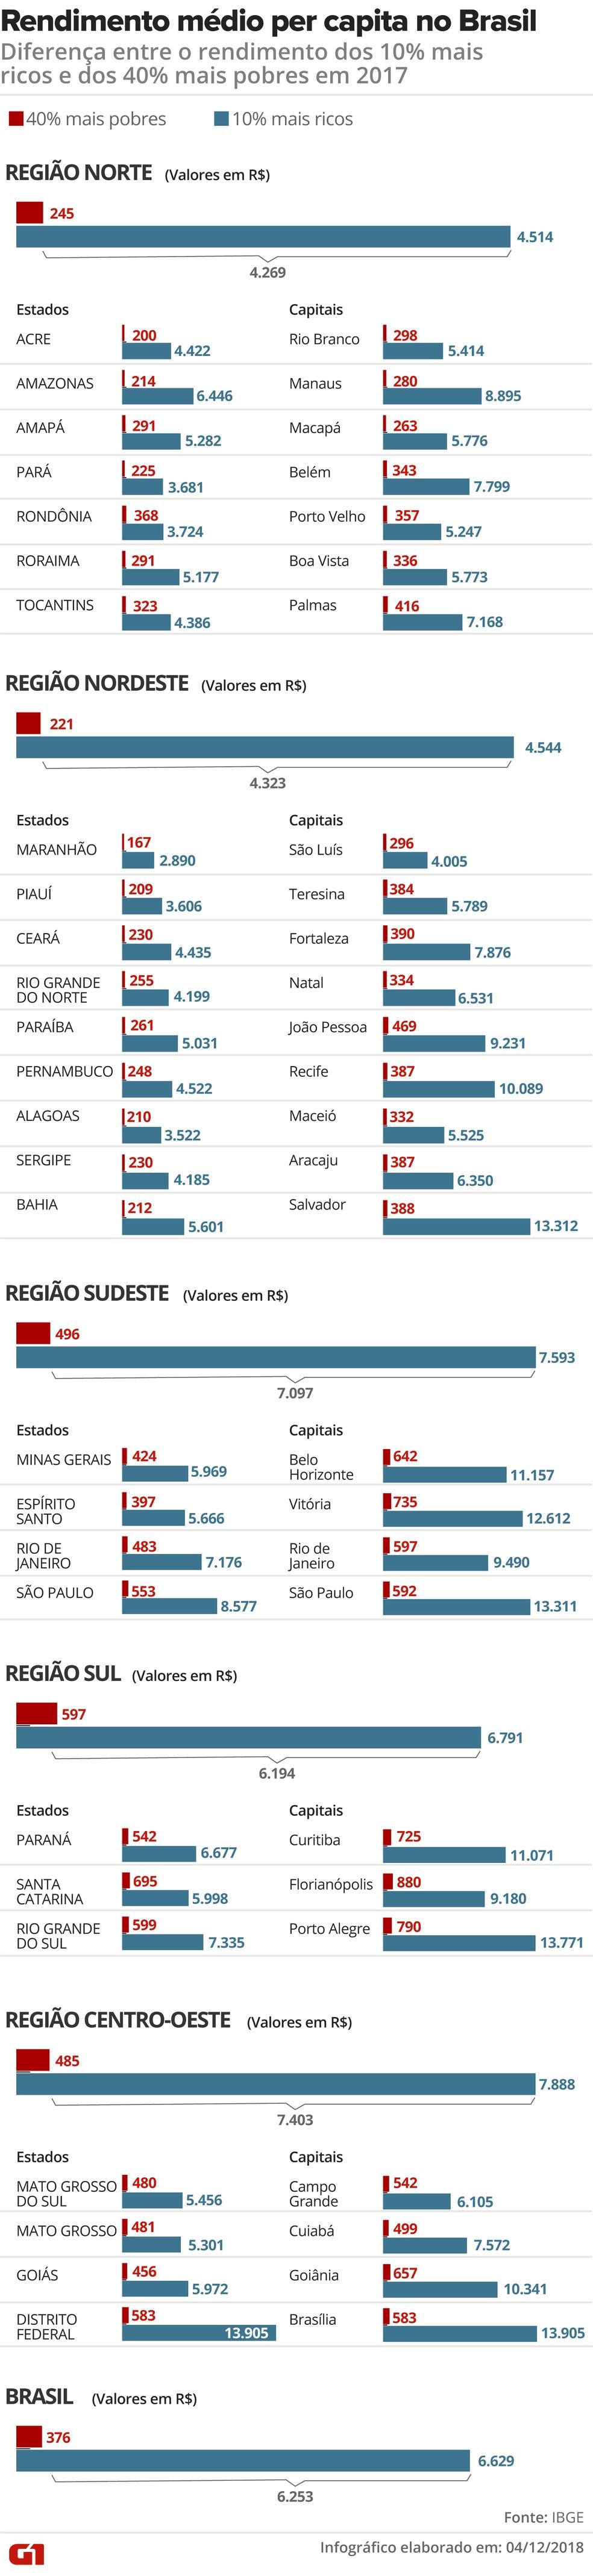 IBGE mostra a diferença do rendimento médio dos 10% mais ricos na comparação com o dos 40% mais pobres no Brasil — Foto: Fernanda Garrafiel/G1